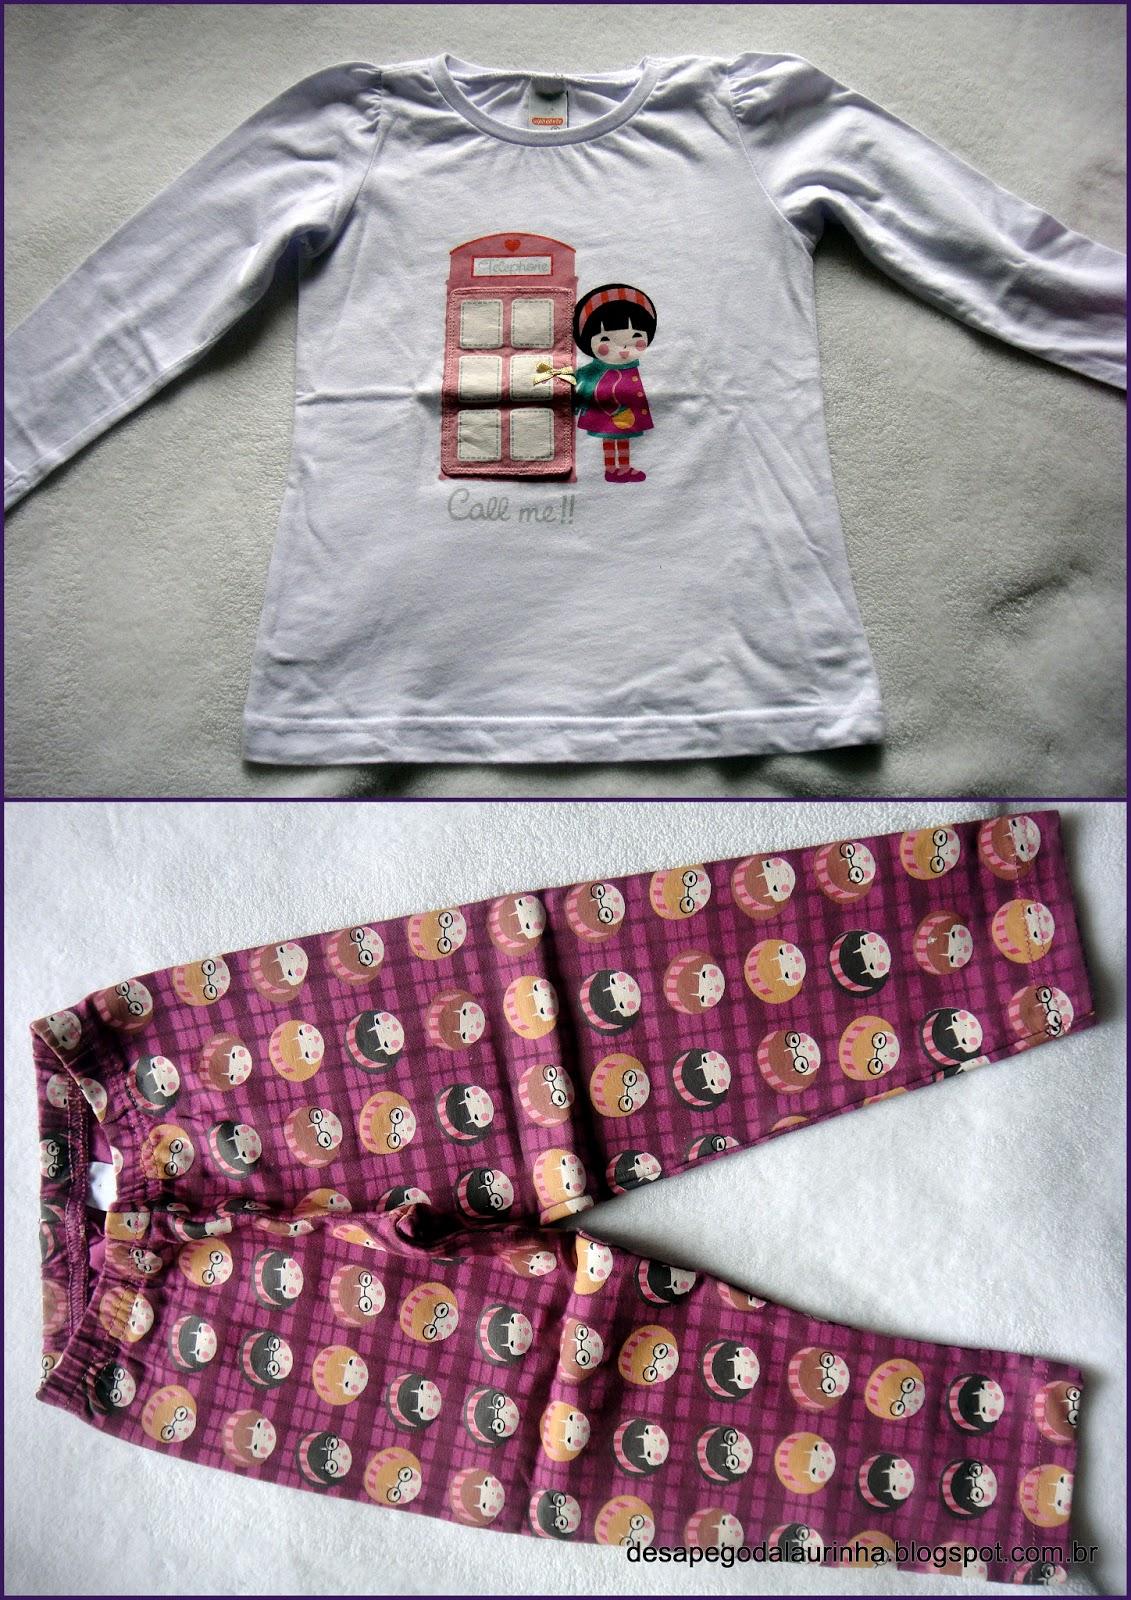 816311a99 Calça legging + blusa manga comprida. Tamanho 2. R 28